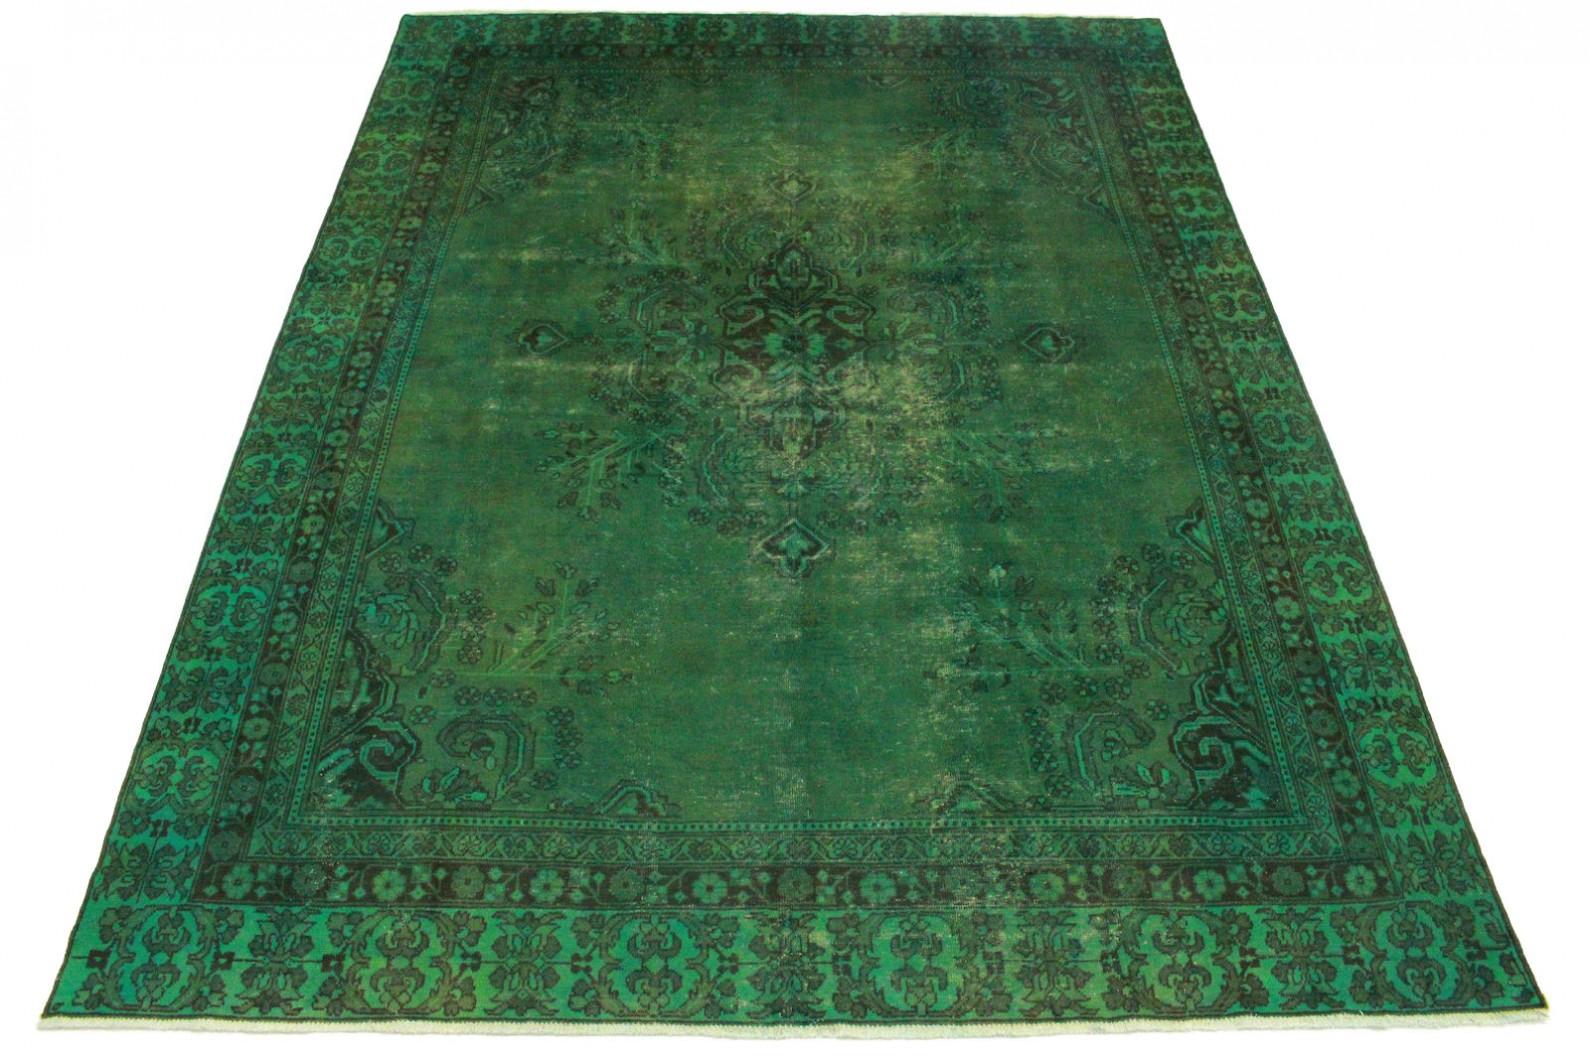 Vintage Teppich Grün in 370x280cm